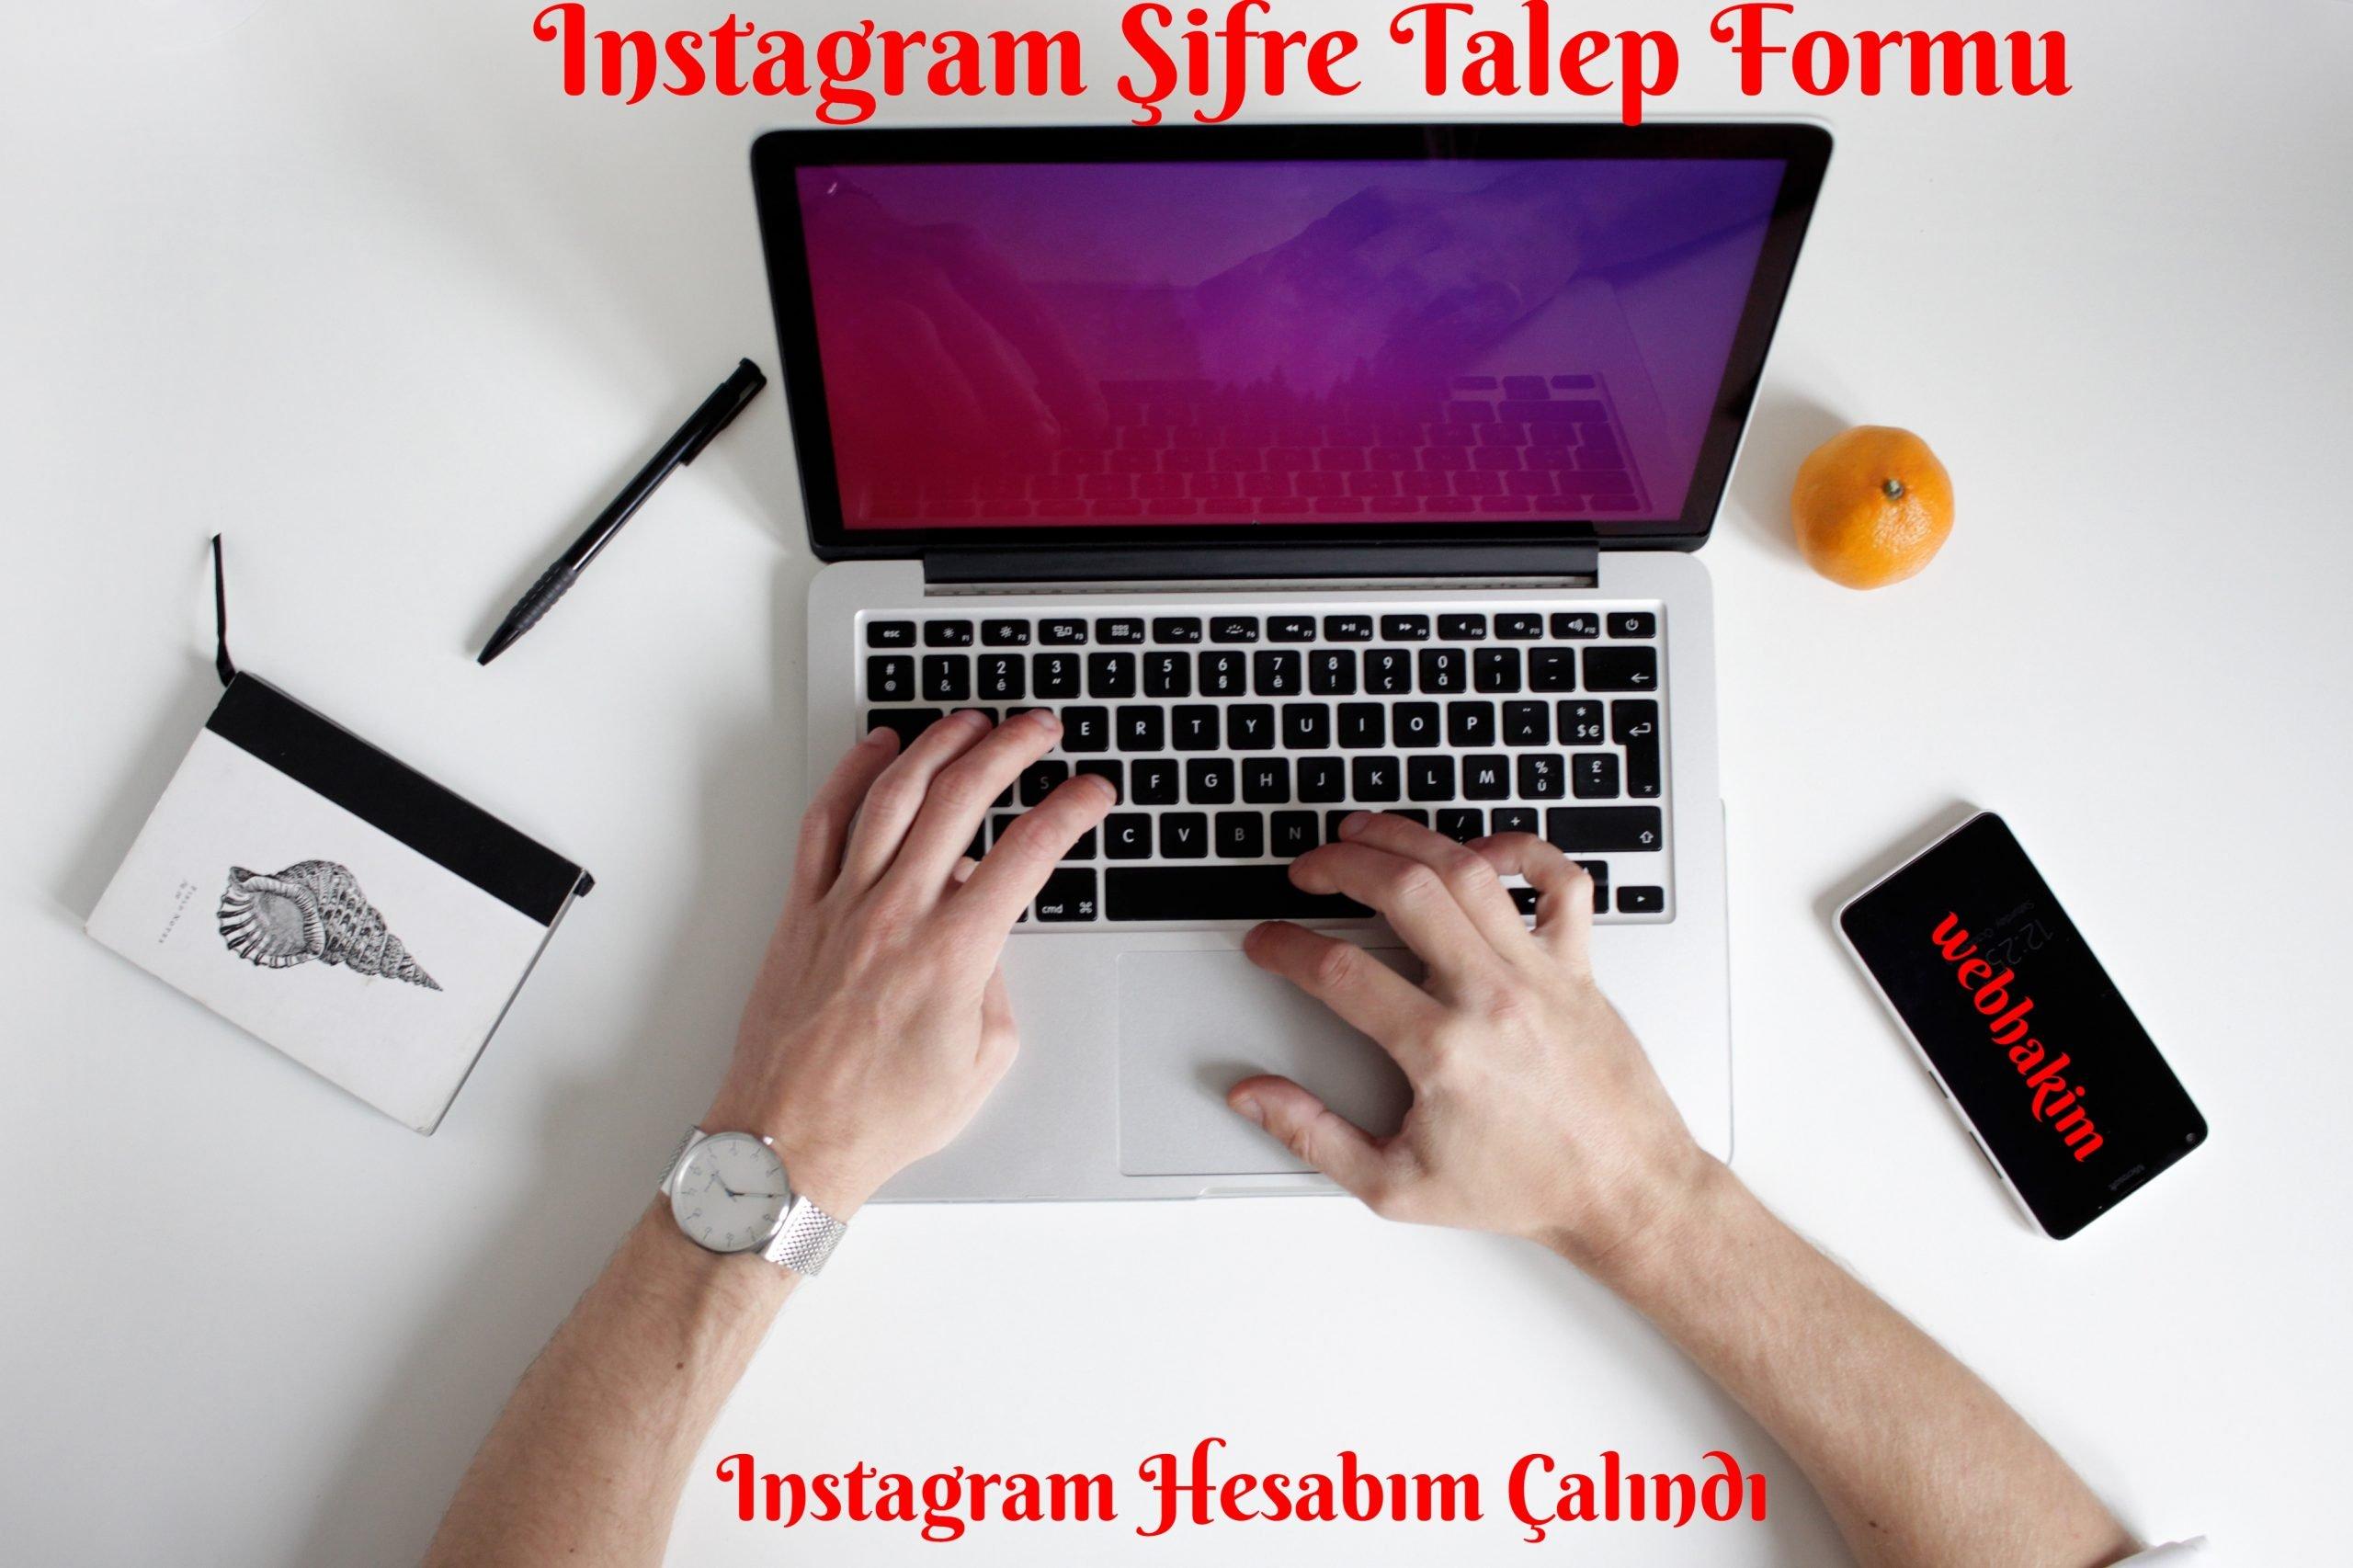 instagram sifre yenileme maili gelmiyor